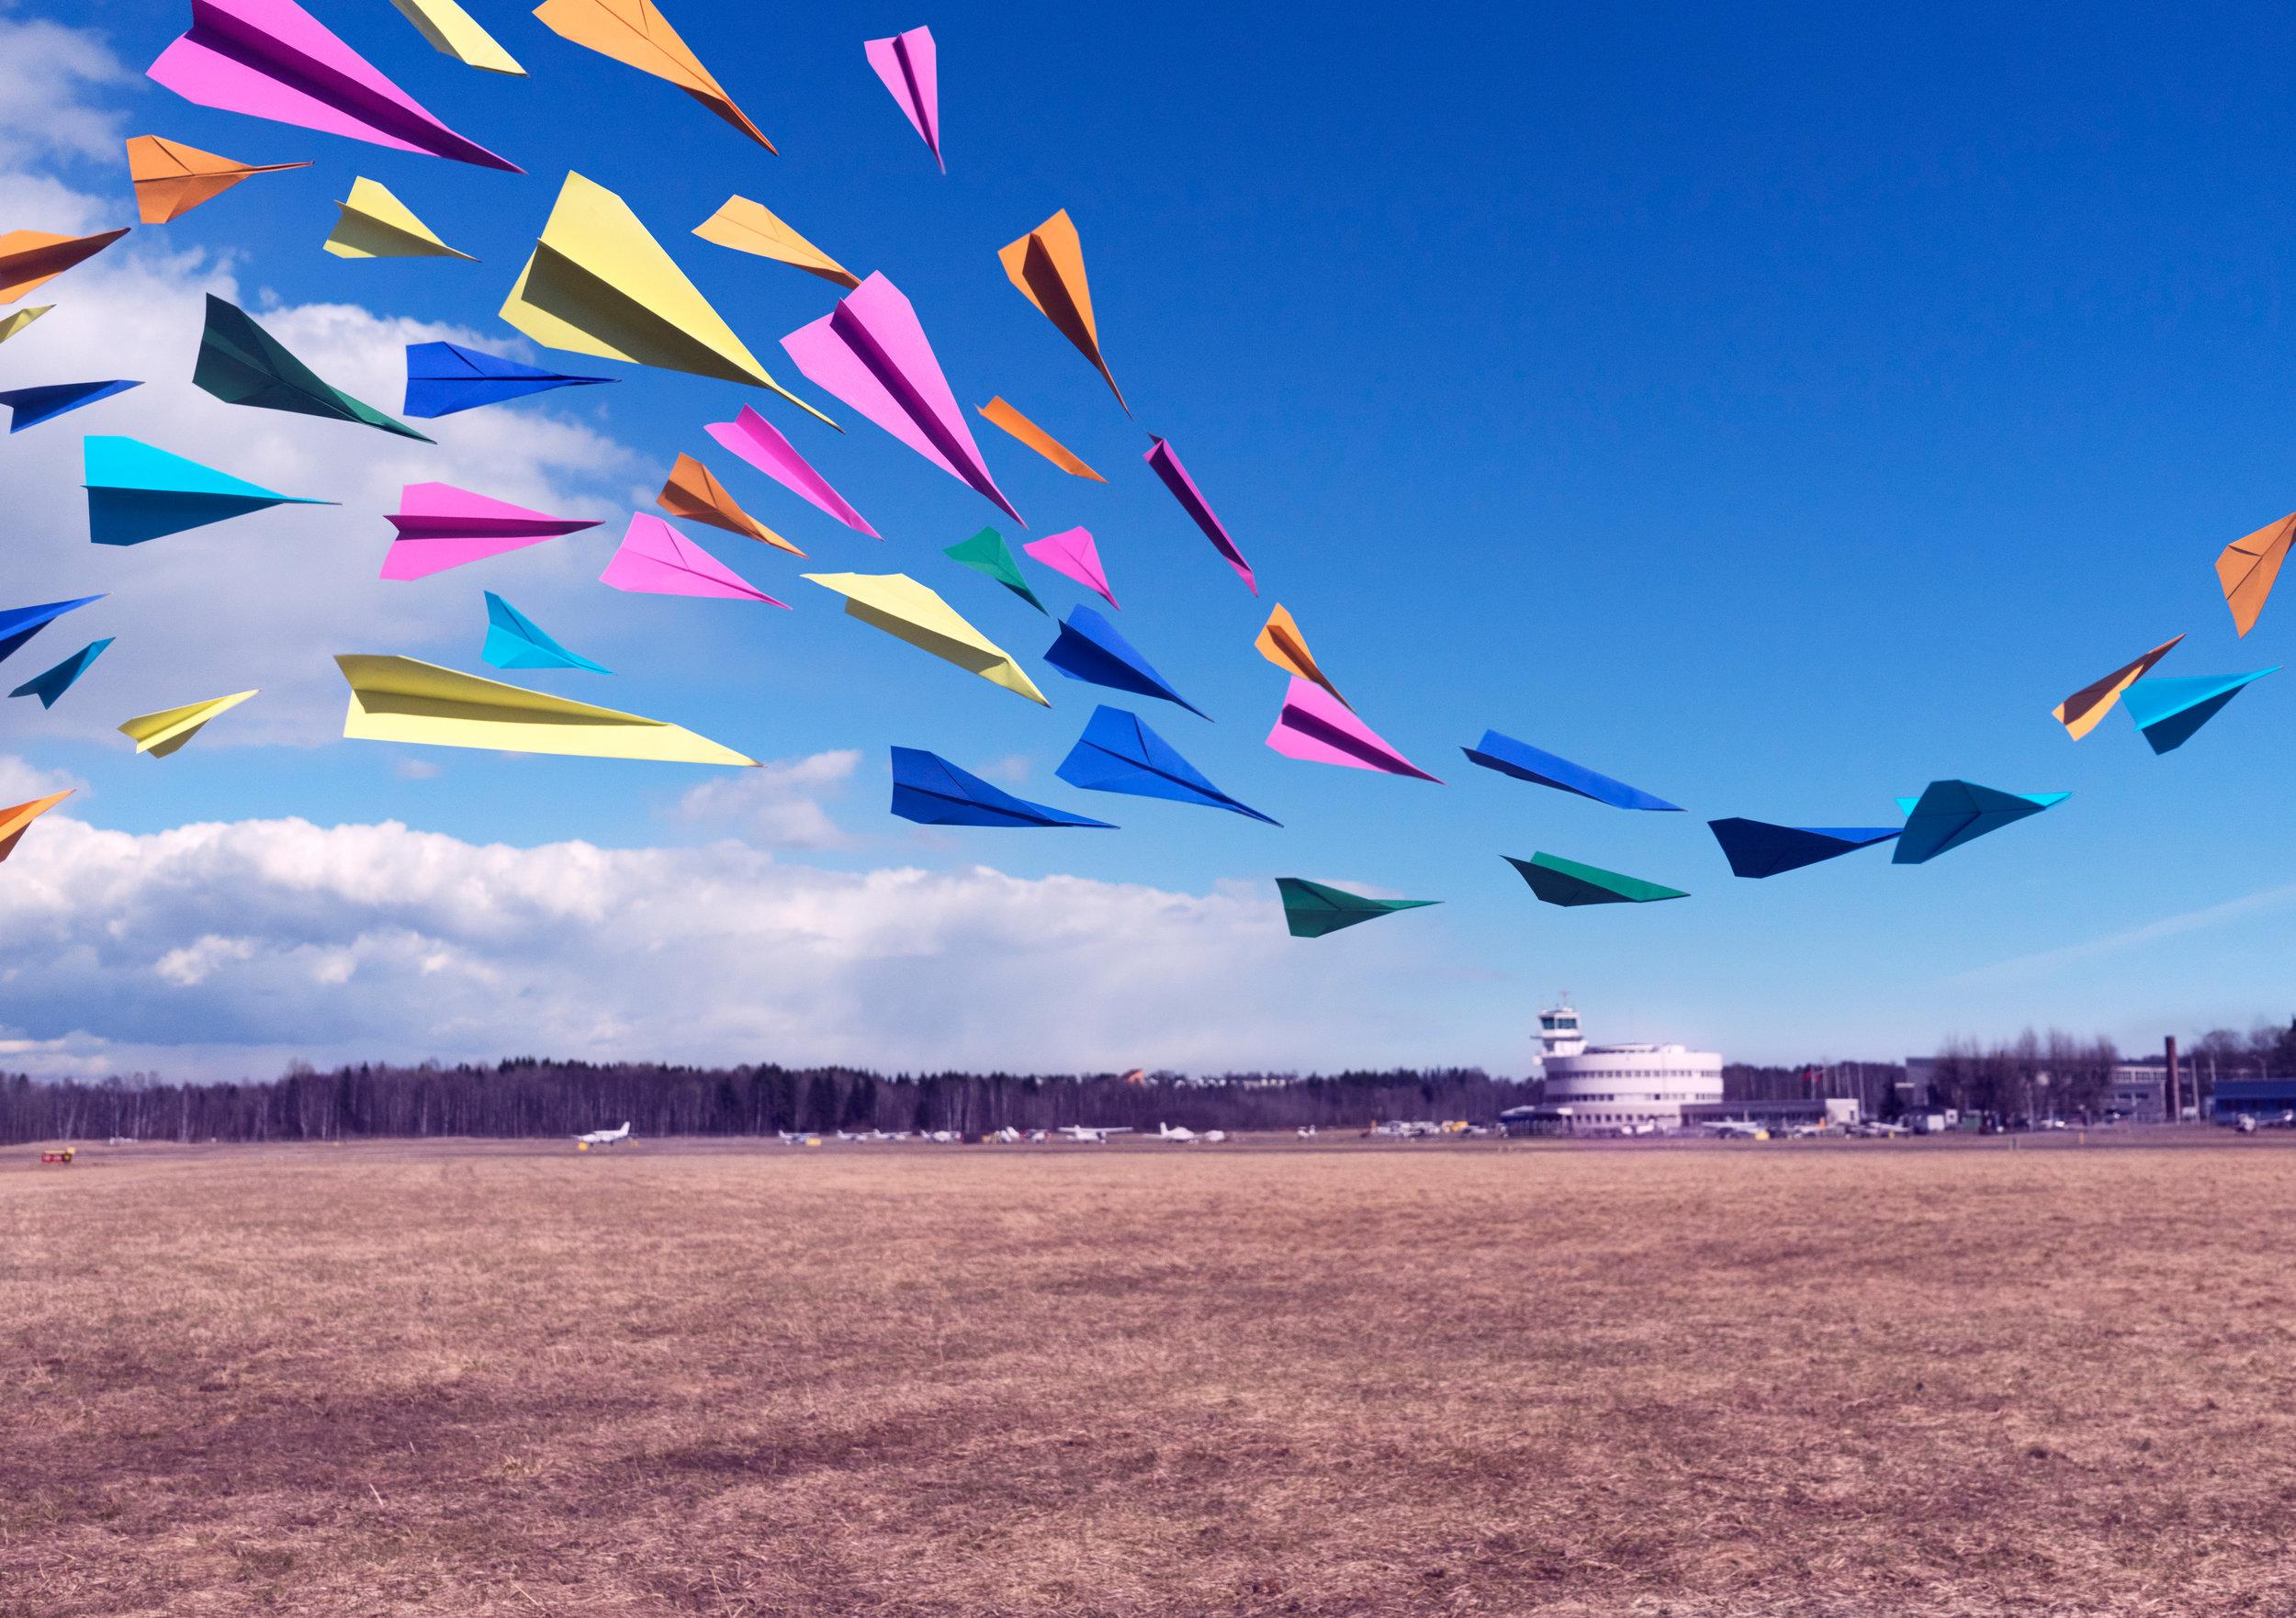 Kevät-talvi 2017: Pyrimme tuomaan jotain positiivisesti yllättävää paikkoihin, jotka olivat malmilaisille merkityksellisiä.Kuvista syntyi kymmenen kuvan taidekorttikokonaisuus, joka lähetettiin ilmaiseksi neljällesadalle malmilaiselle. Kuvien yhteydessä jaetussa paketissa malmilaisia kutsuttiin mukaan hankkeen toimintaan. Isompi vedos tästä kuvasta lahjoitettiin Malmin lentokentälle, joka näkyy kuvassa taustalla.